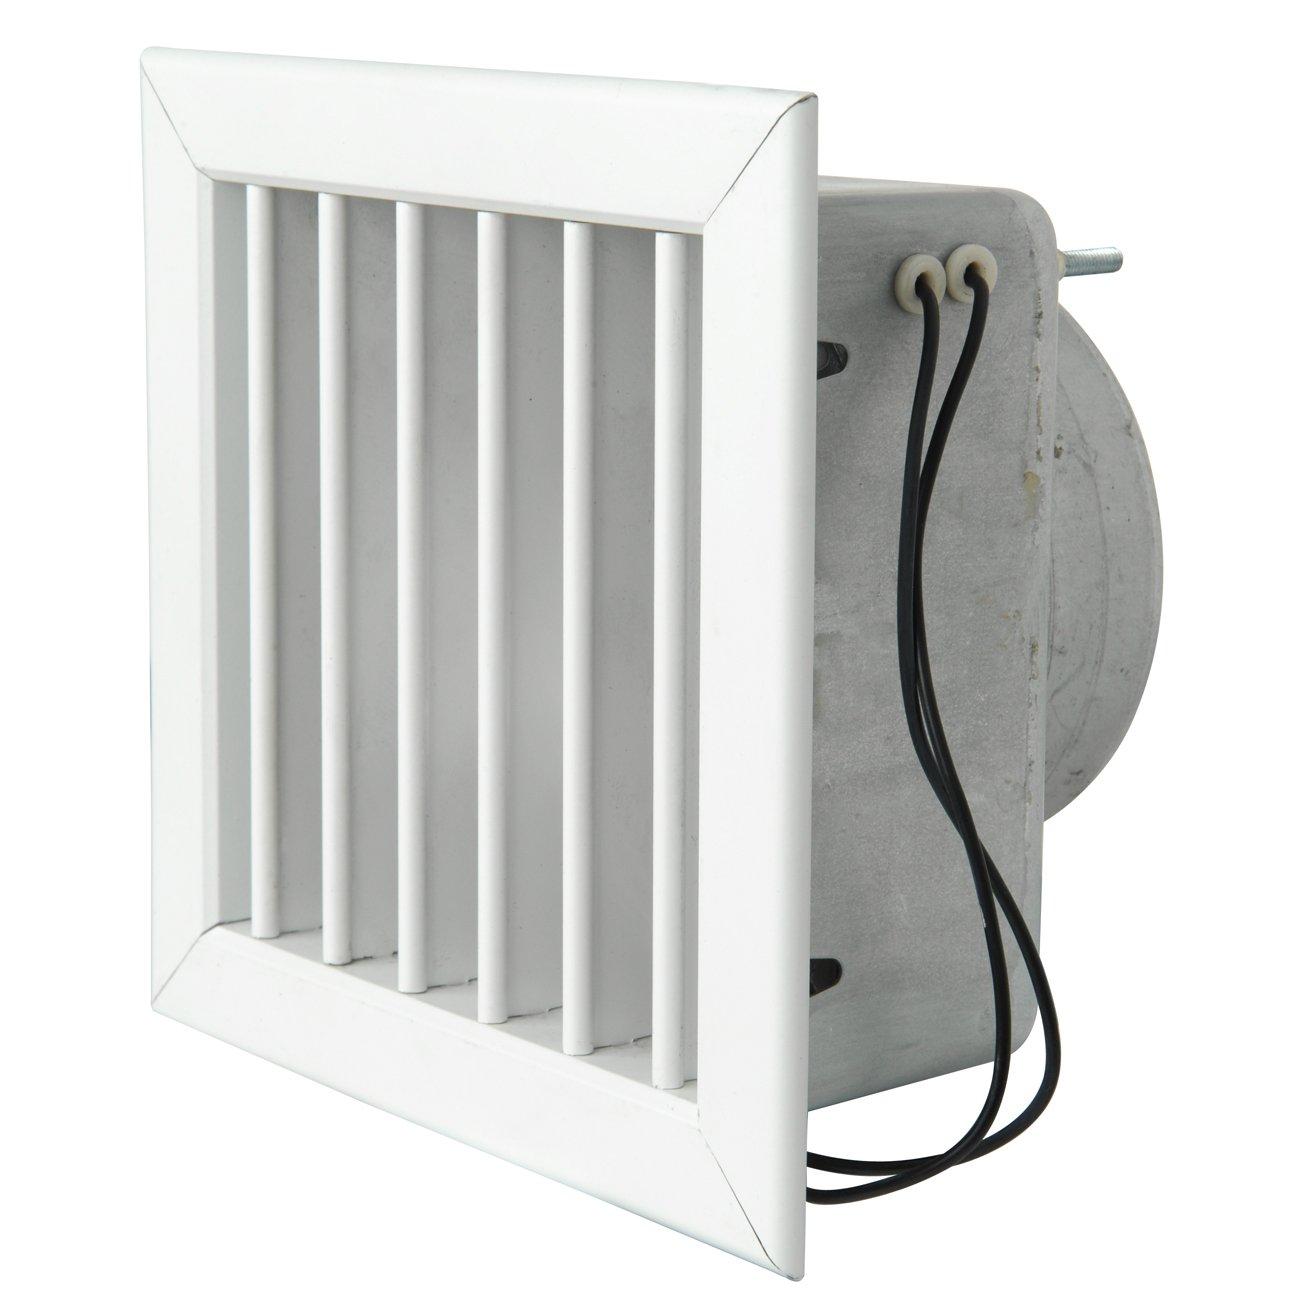 La ventilaci/ón gcmib1615100-y gcmib1615100/Rejilla Para chimeneas con elettroventola blanco aluminio lacado 160/x 160/mm